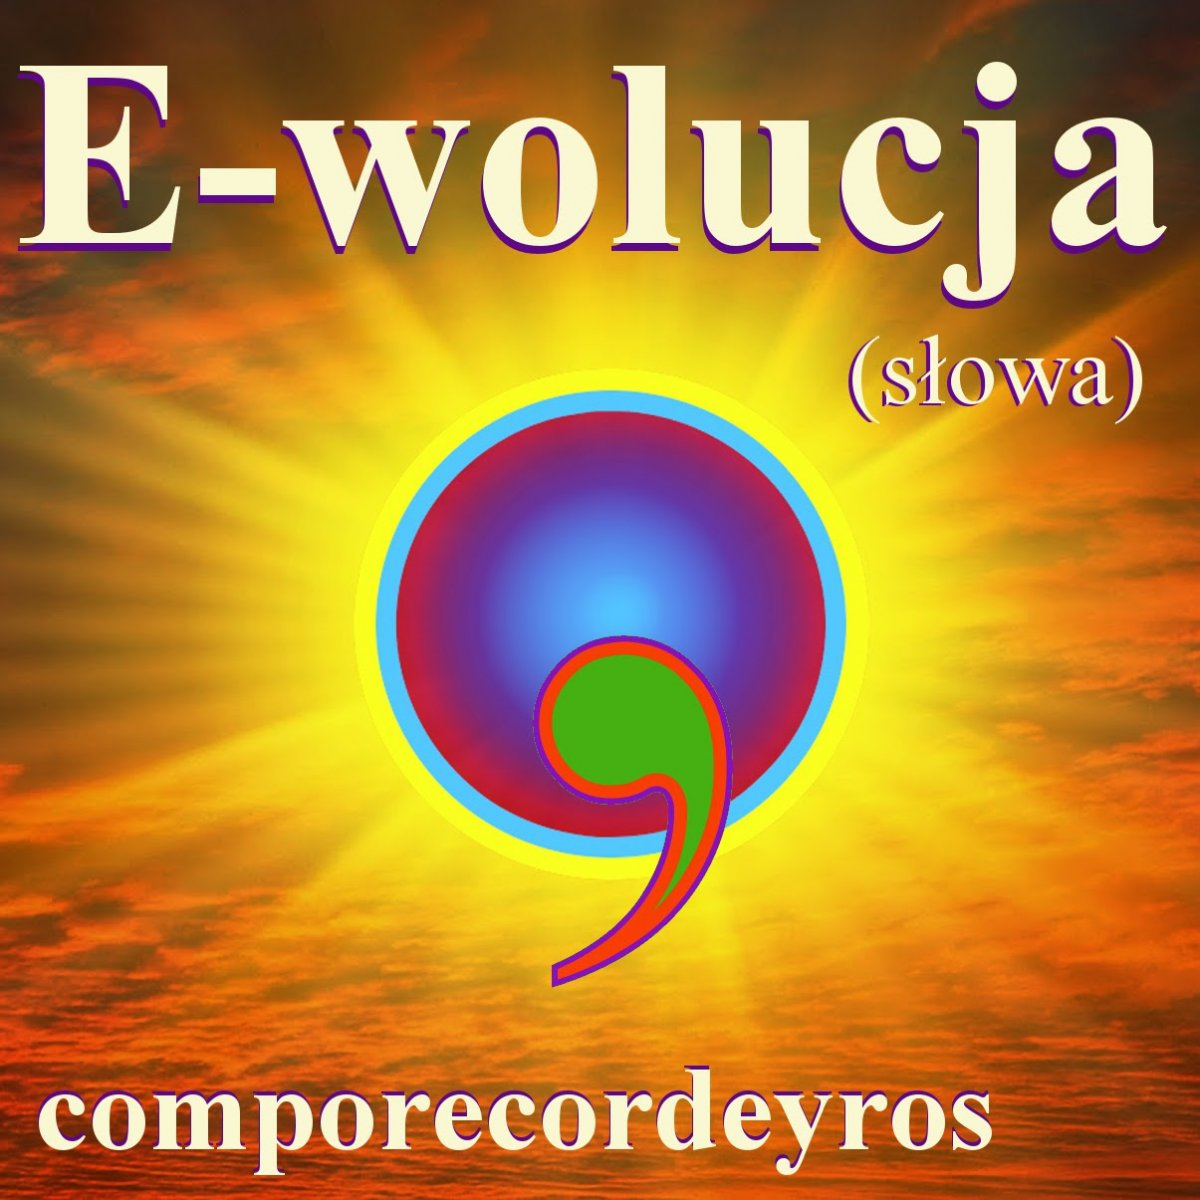 E-wolucja (słowa) - Ebook (Książka PDF) do pobrania w formacie PDF